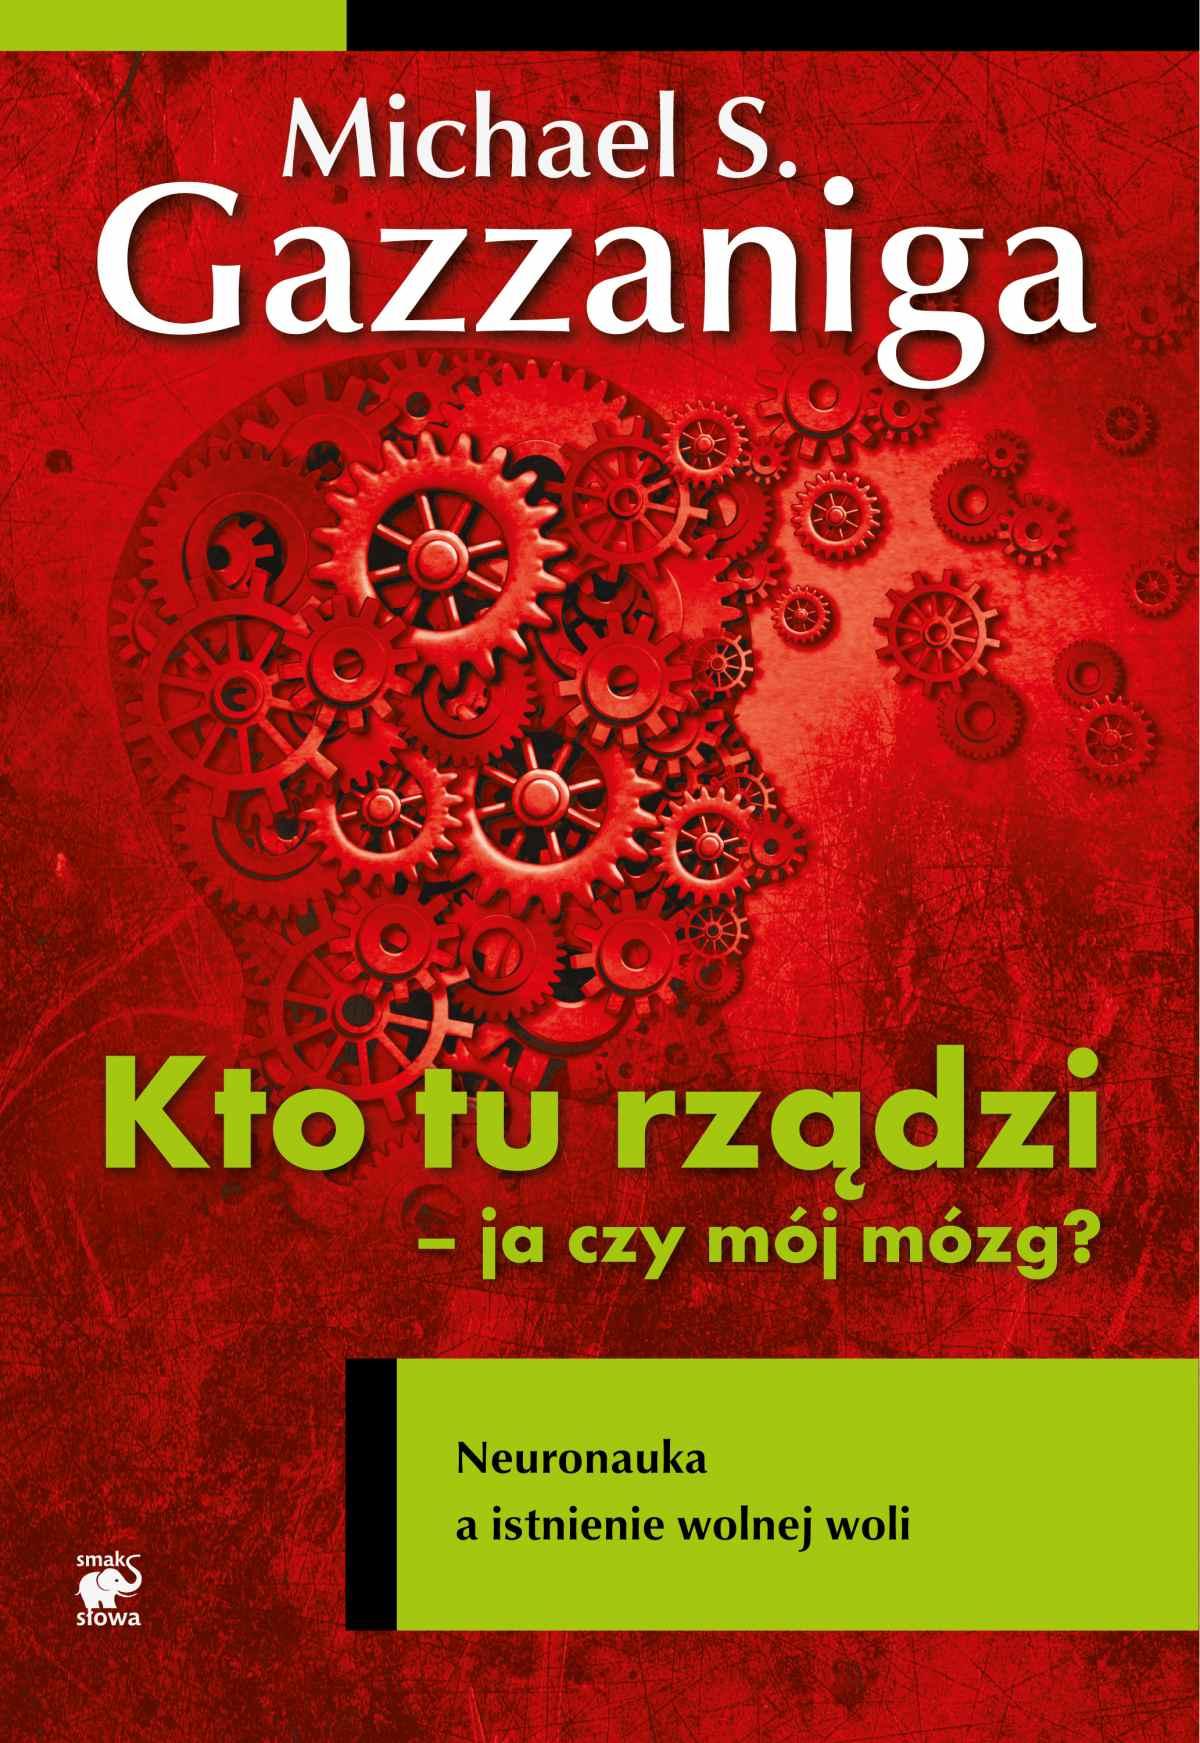 Kto tu rządzi - ja czy mój mózg? - Ebook (Książka na Kindle) do pobrania w formacie MOBI